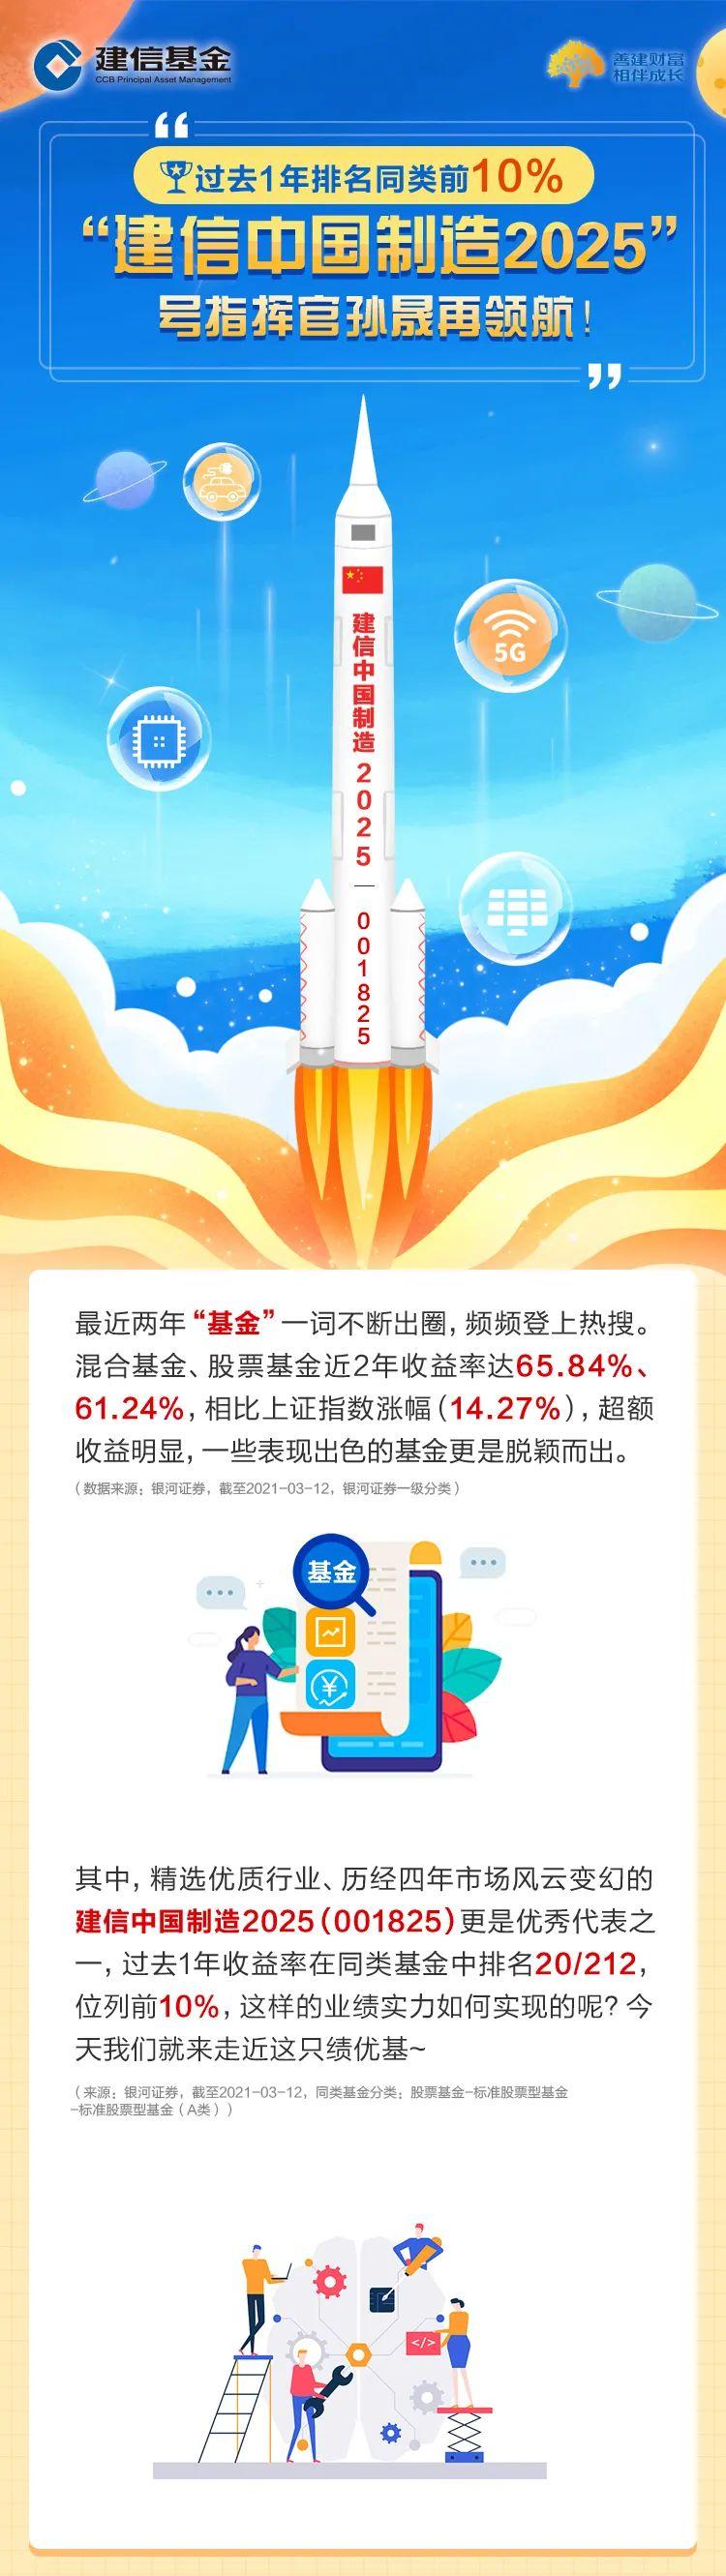 """过去1年排名同类前10%,""""建信中国制造2025""""号指挥官孙晟再领航!"""